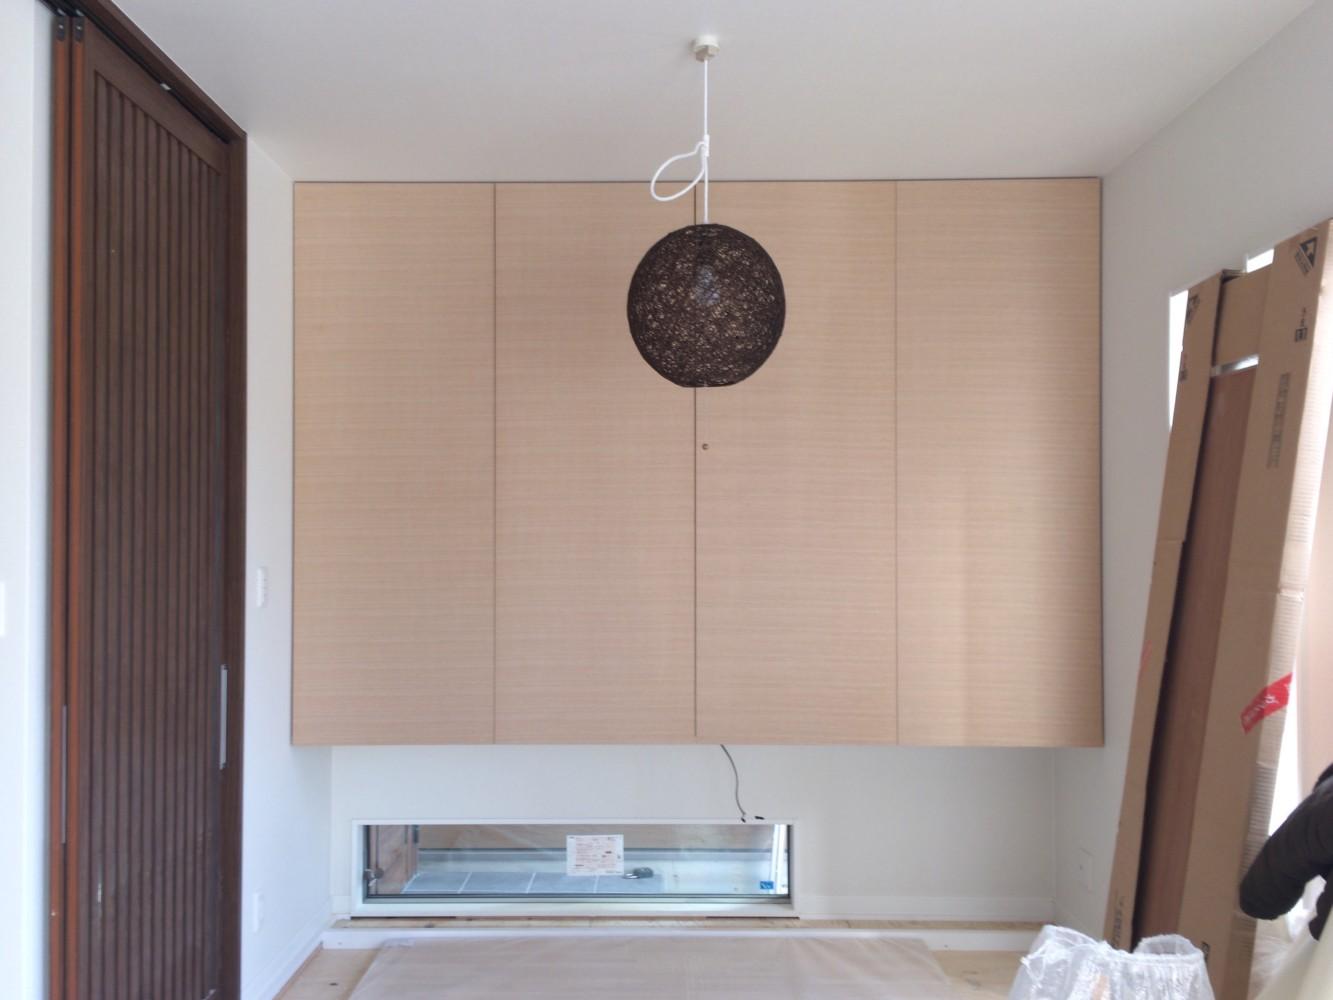 岡山市北区/新築工事(和室吊押入れ4枚開き戸)